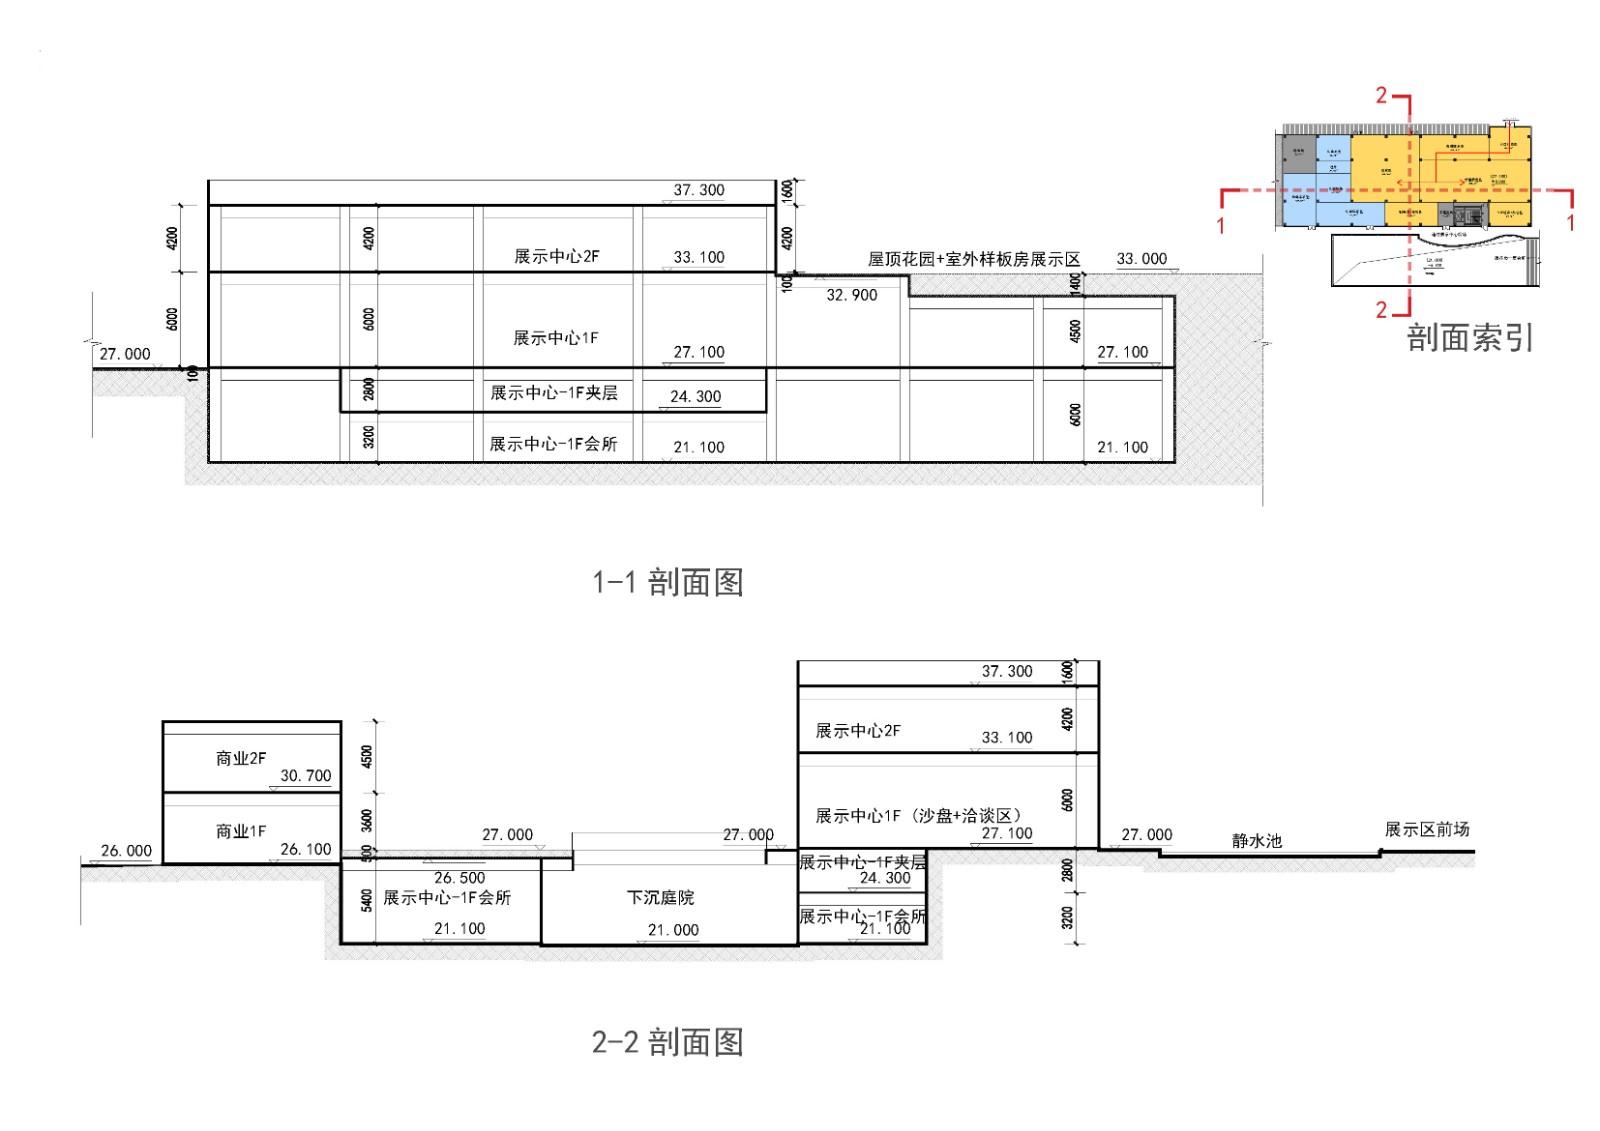 20210117-中海九江市国际社区展示中心设计_页面_09改.jpg